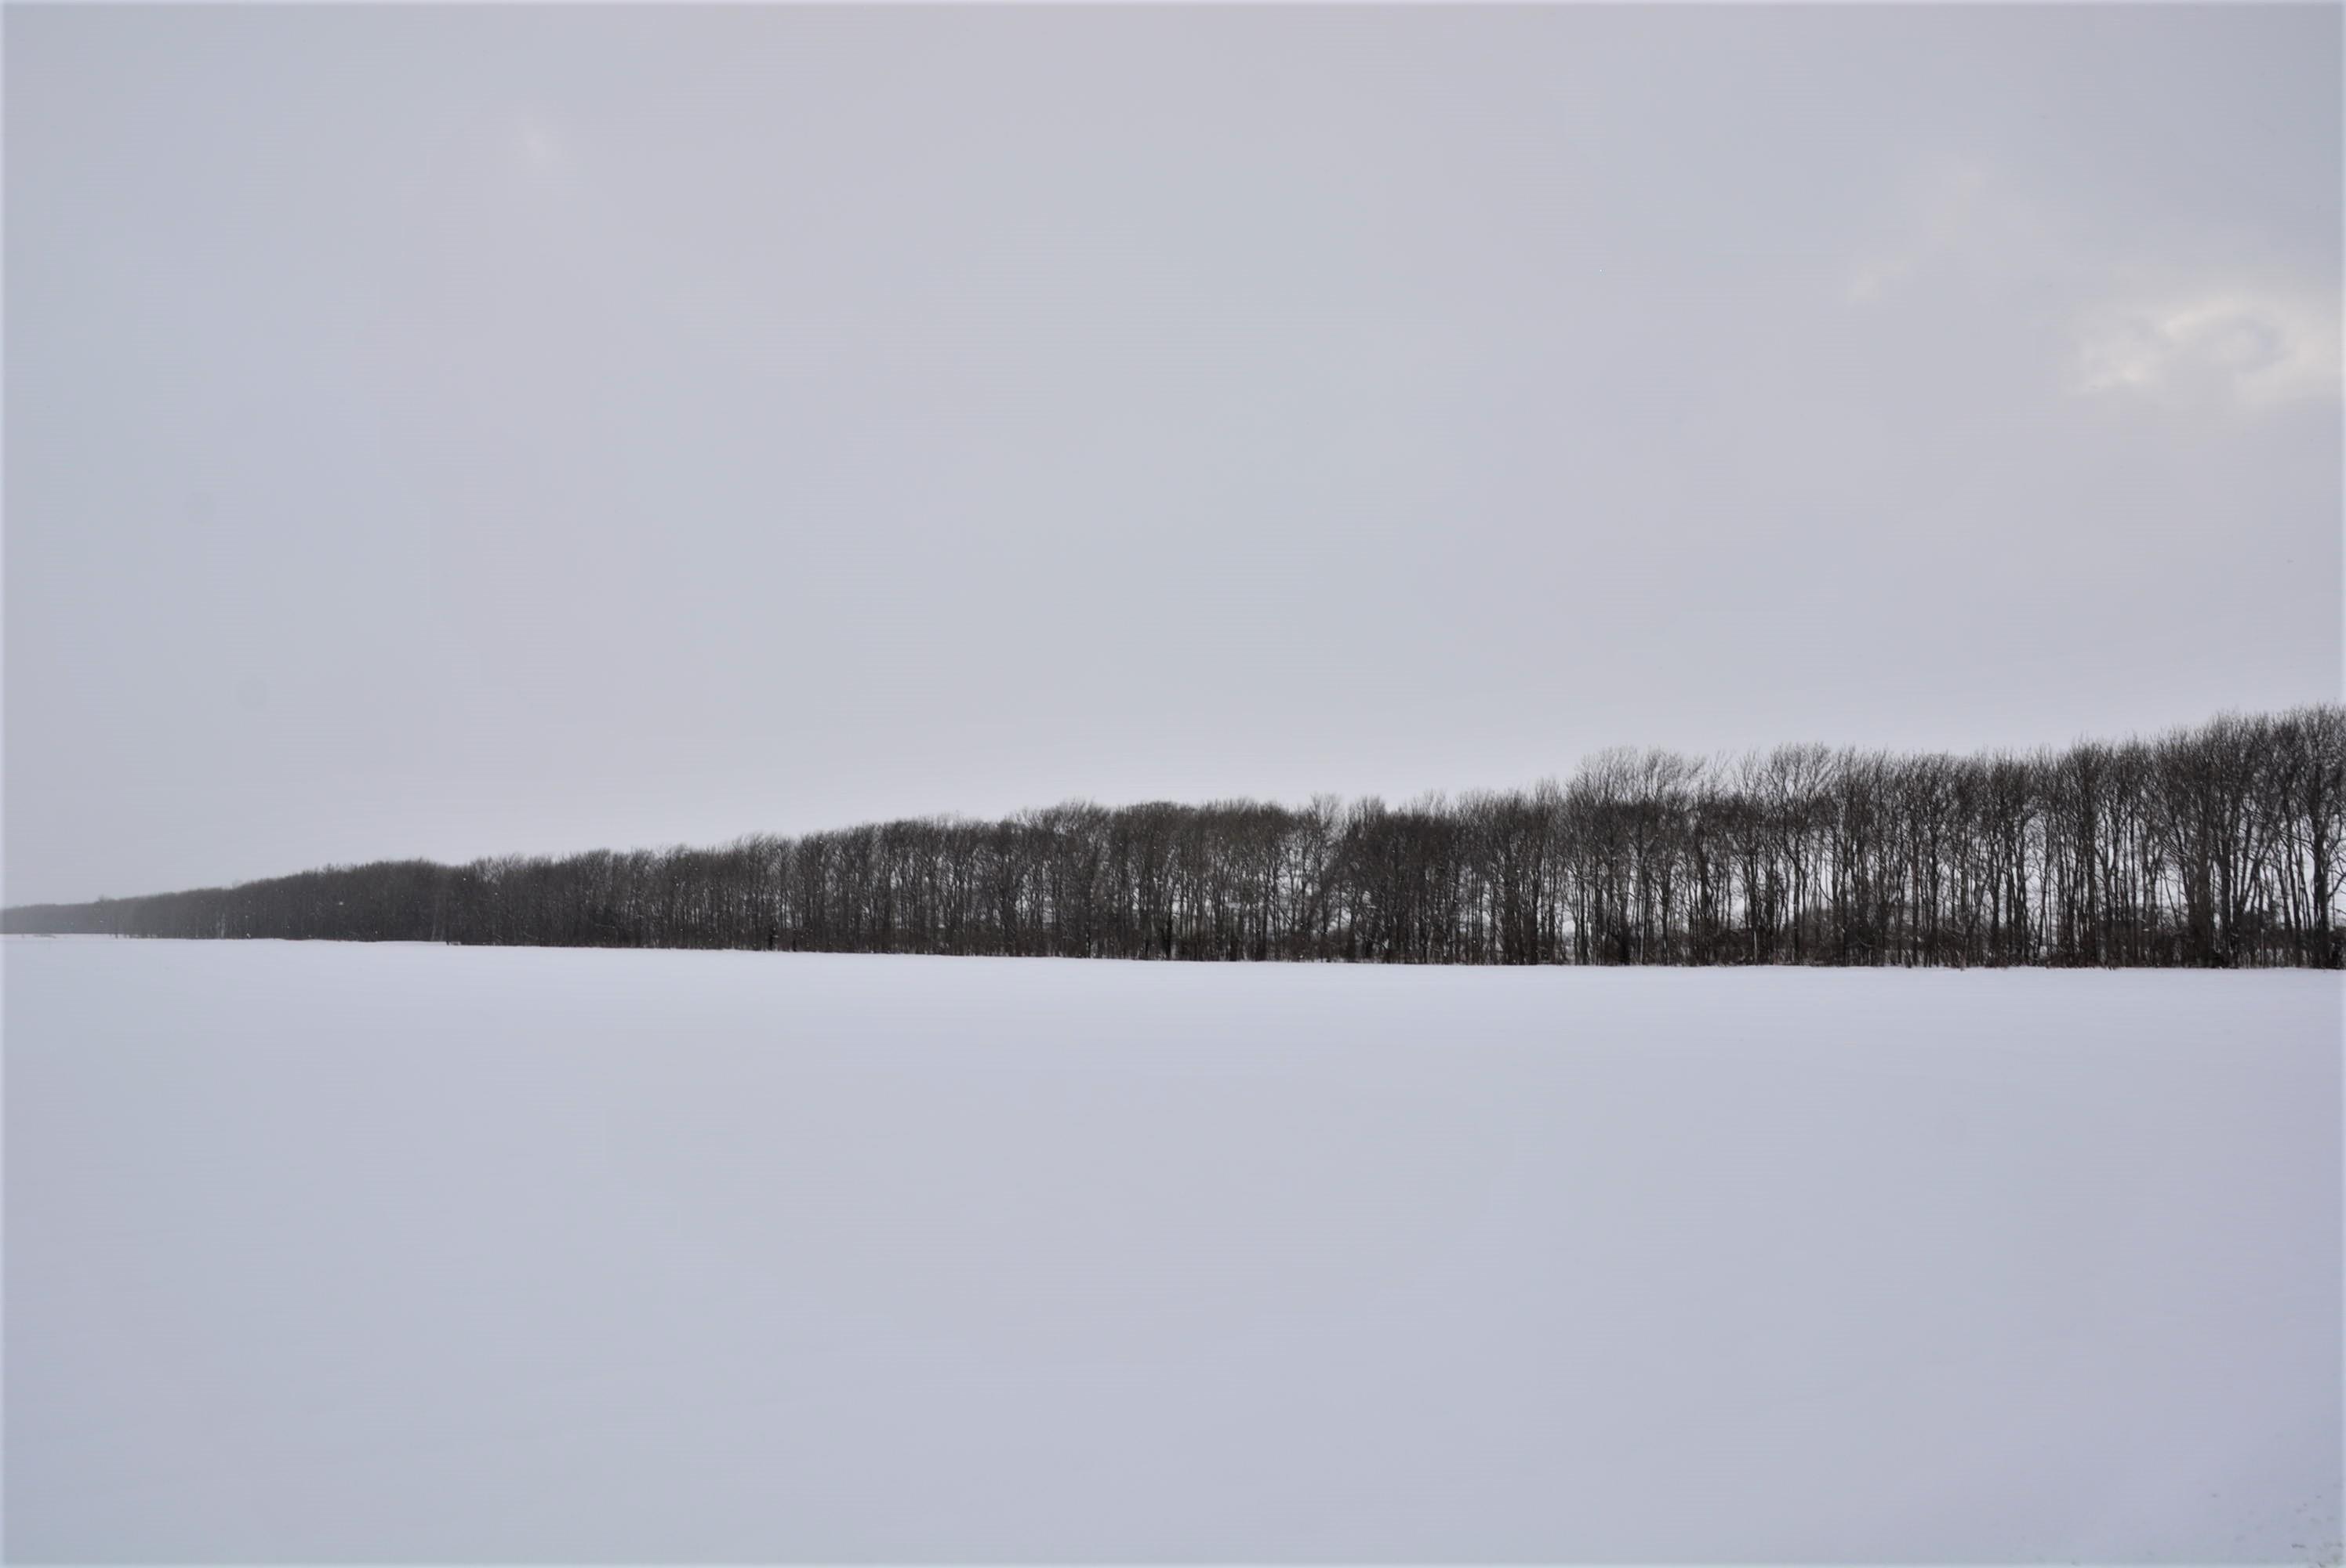 20161228-1.jpg